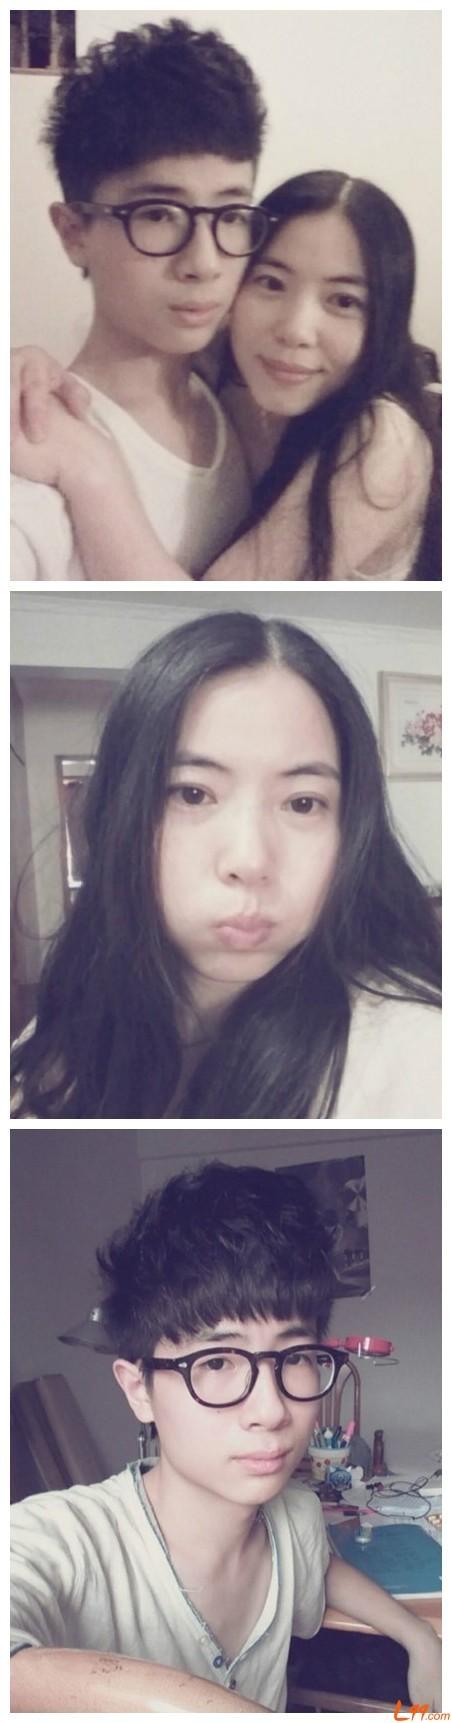 王纪庭的妈妈_采访得知,王纪庭今年16岁,照片中的女士的确是他的妈妈,平时看起来也